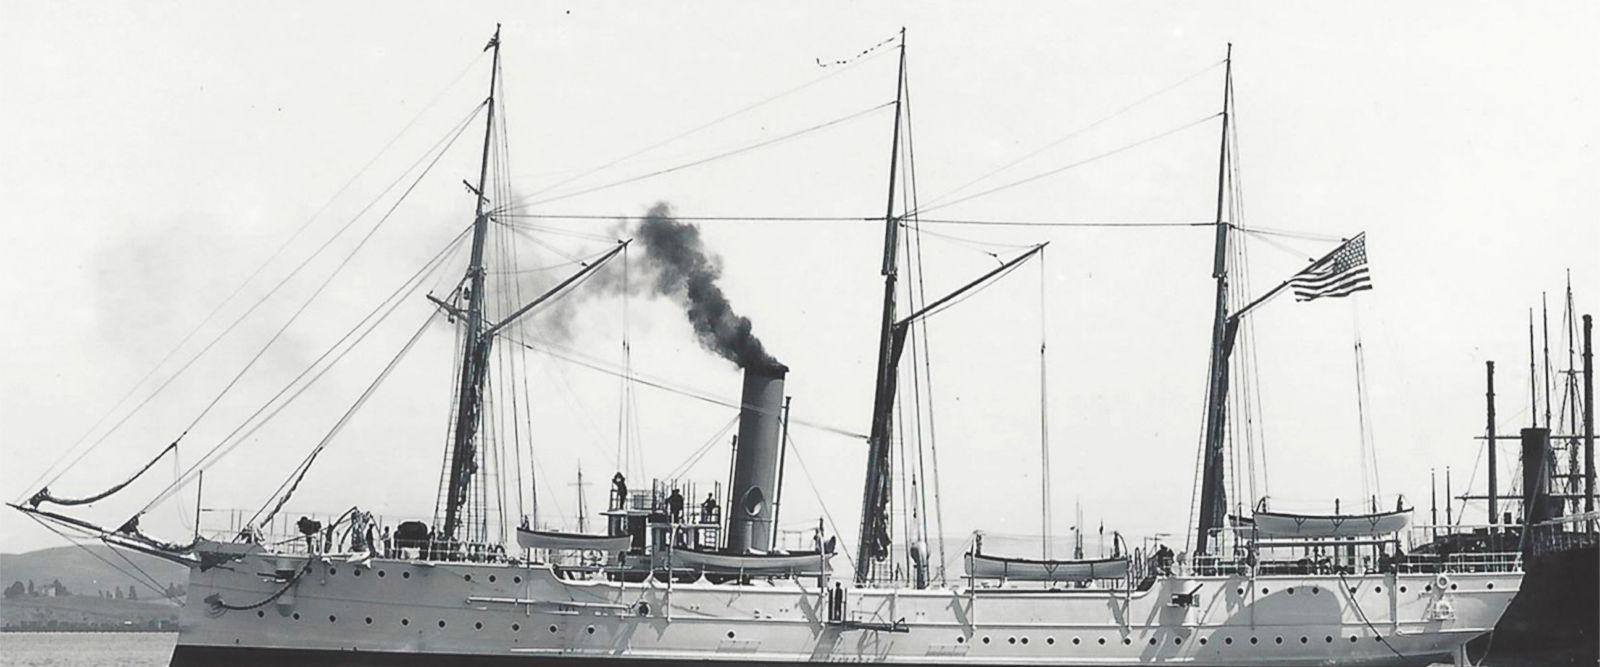 У берегов Калифорнии нашли пароход, затонувший 100 лет назад